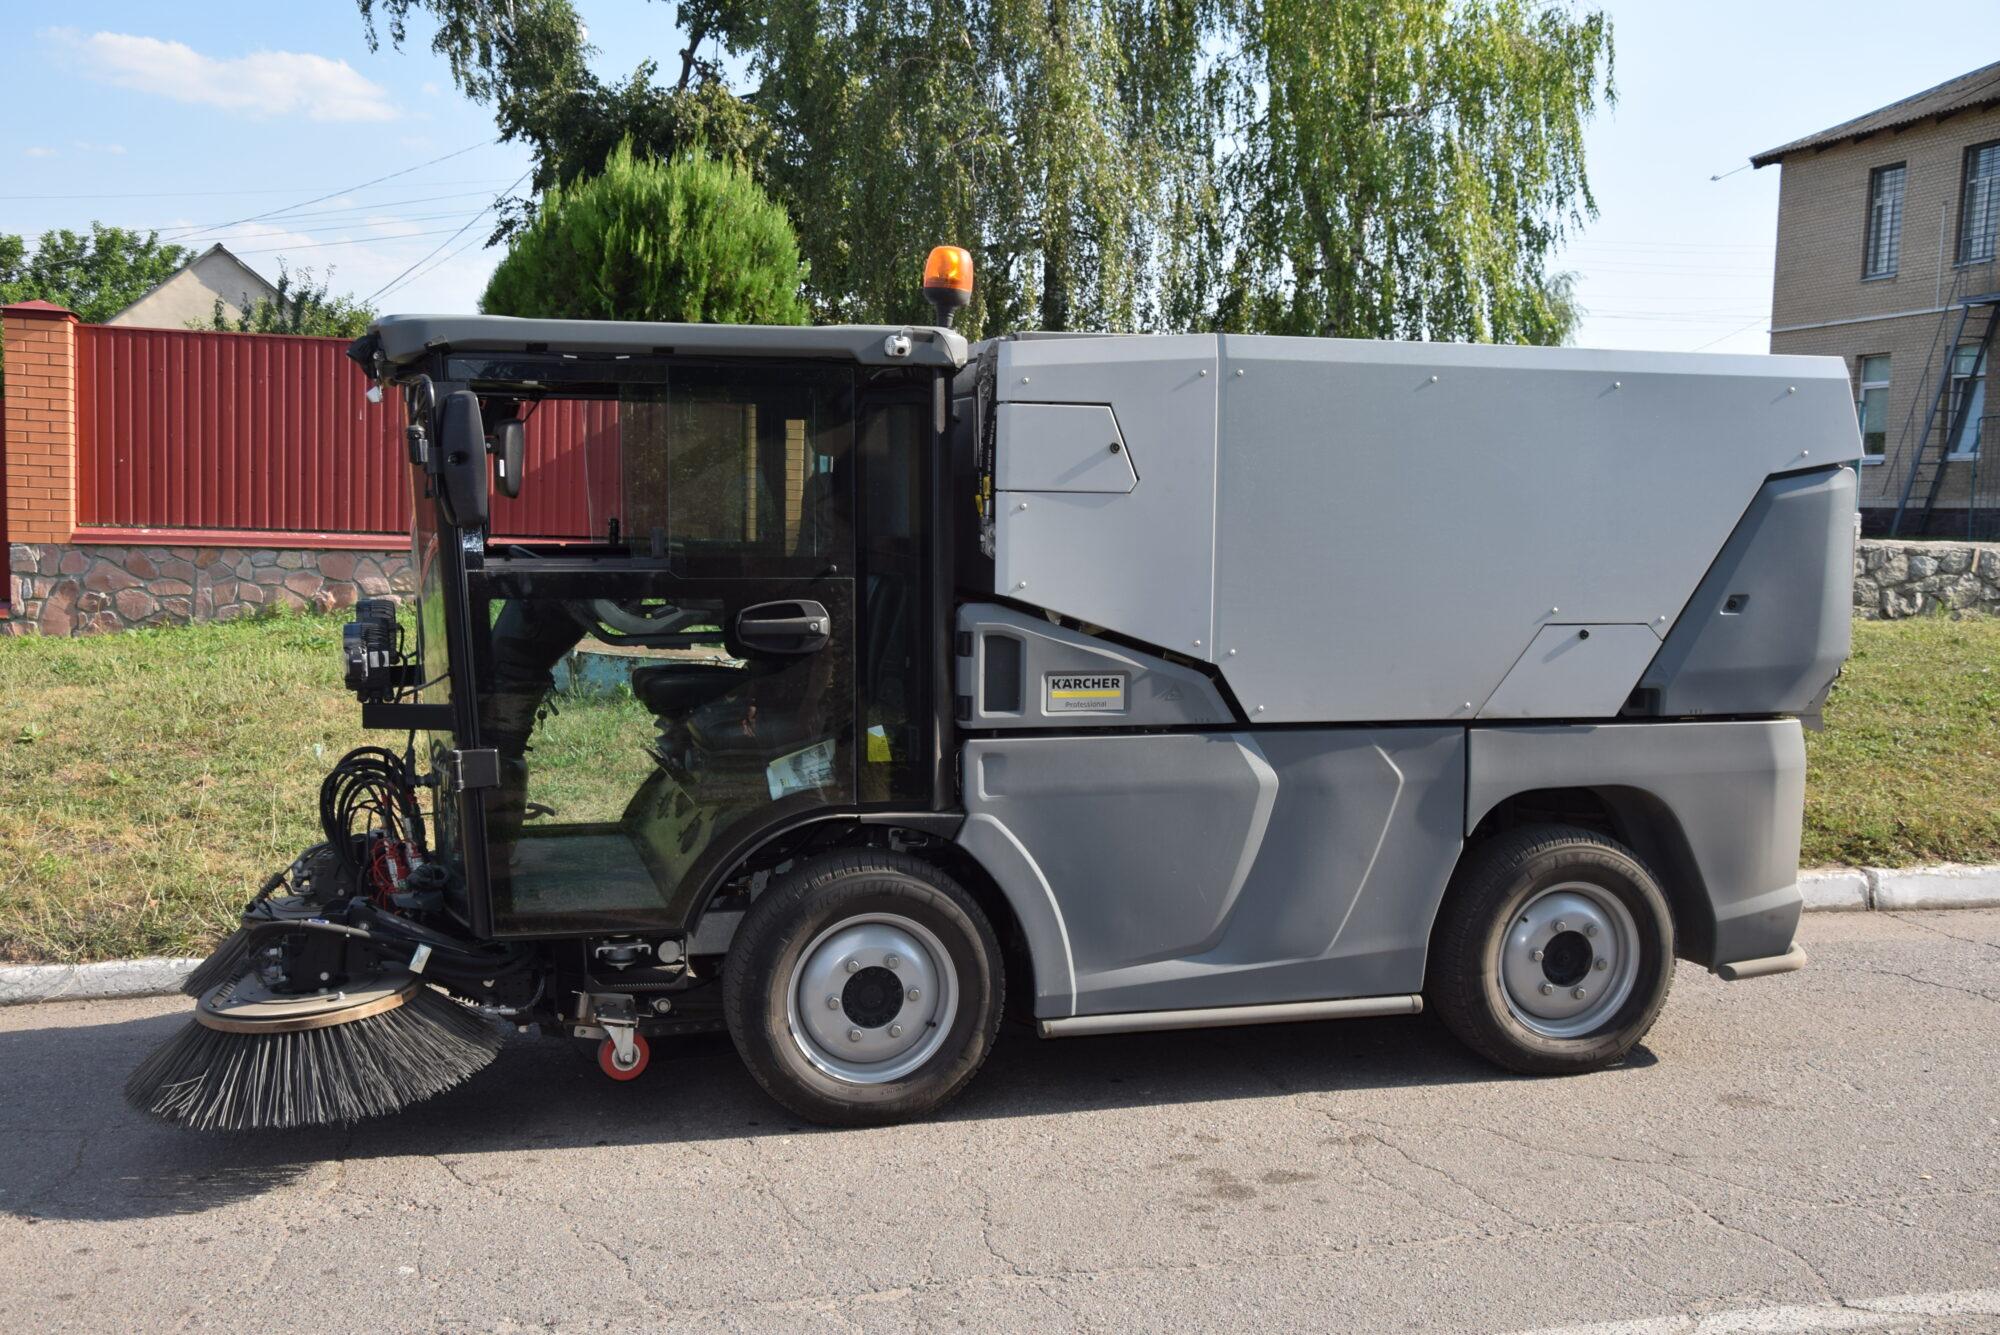 У Переяславі представники компанії Kärcher провели «тест-драйв» автомобіля для прибирання - Переяслав, комунальники - DSC 0029 2000x1335